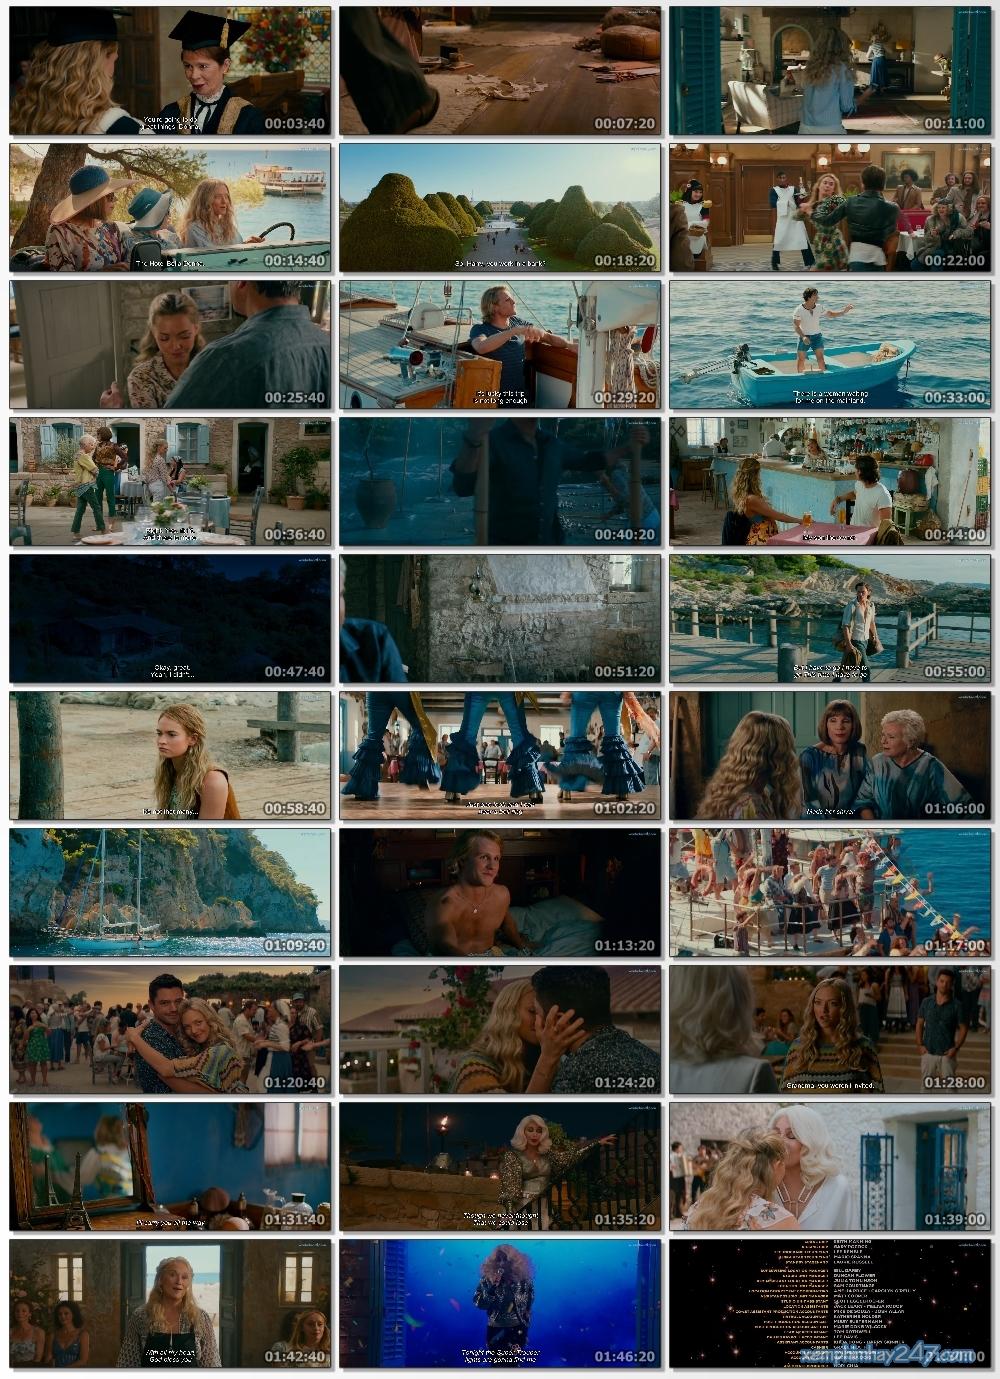 http://xemphimhay247.com - Xem phim hay 247 - Giai Điệu Hạnh Phúc 2: Yêu Lần Nữa (2018) - Mamma Mia 2: Here We Go Again (2018)